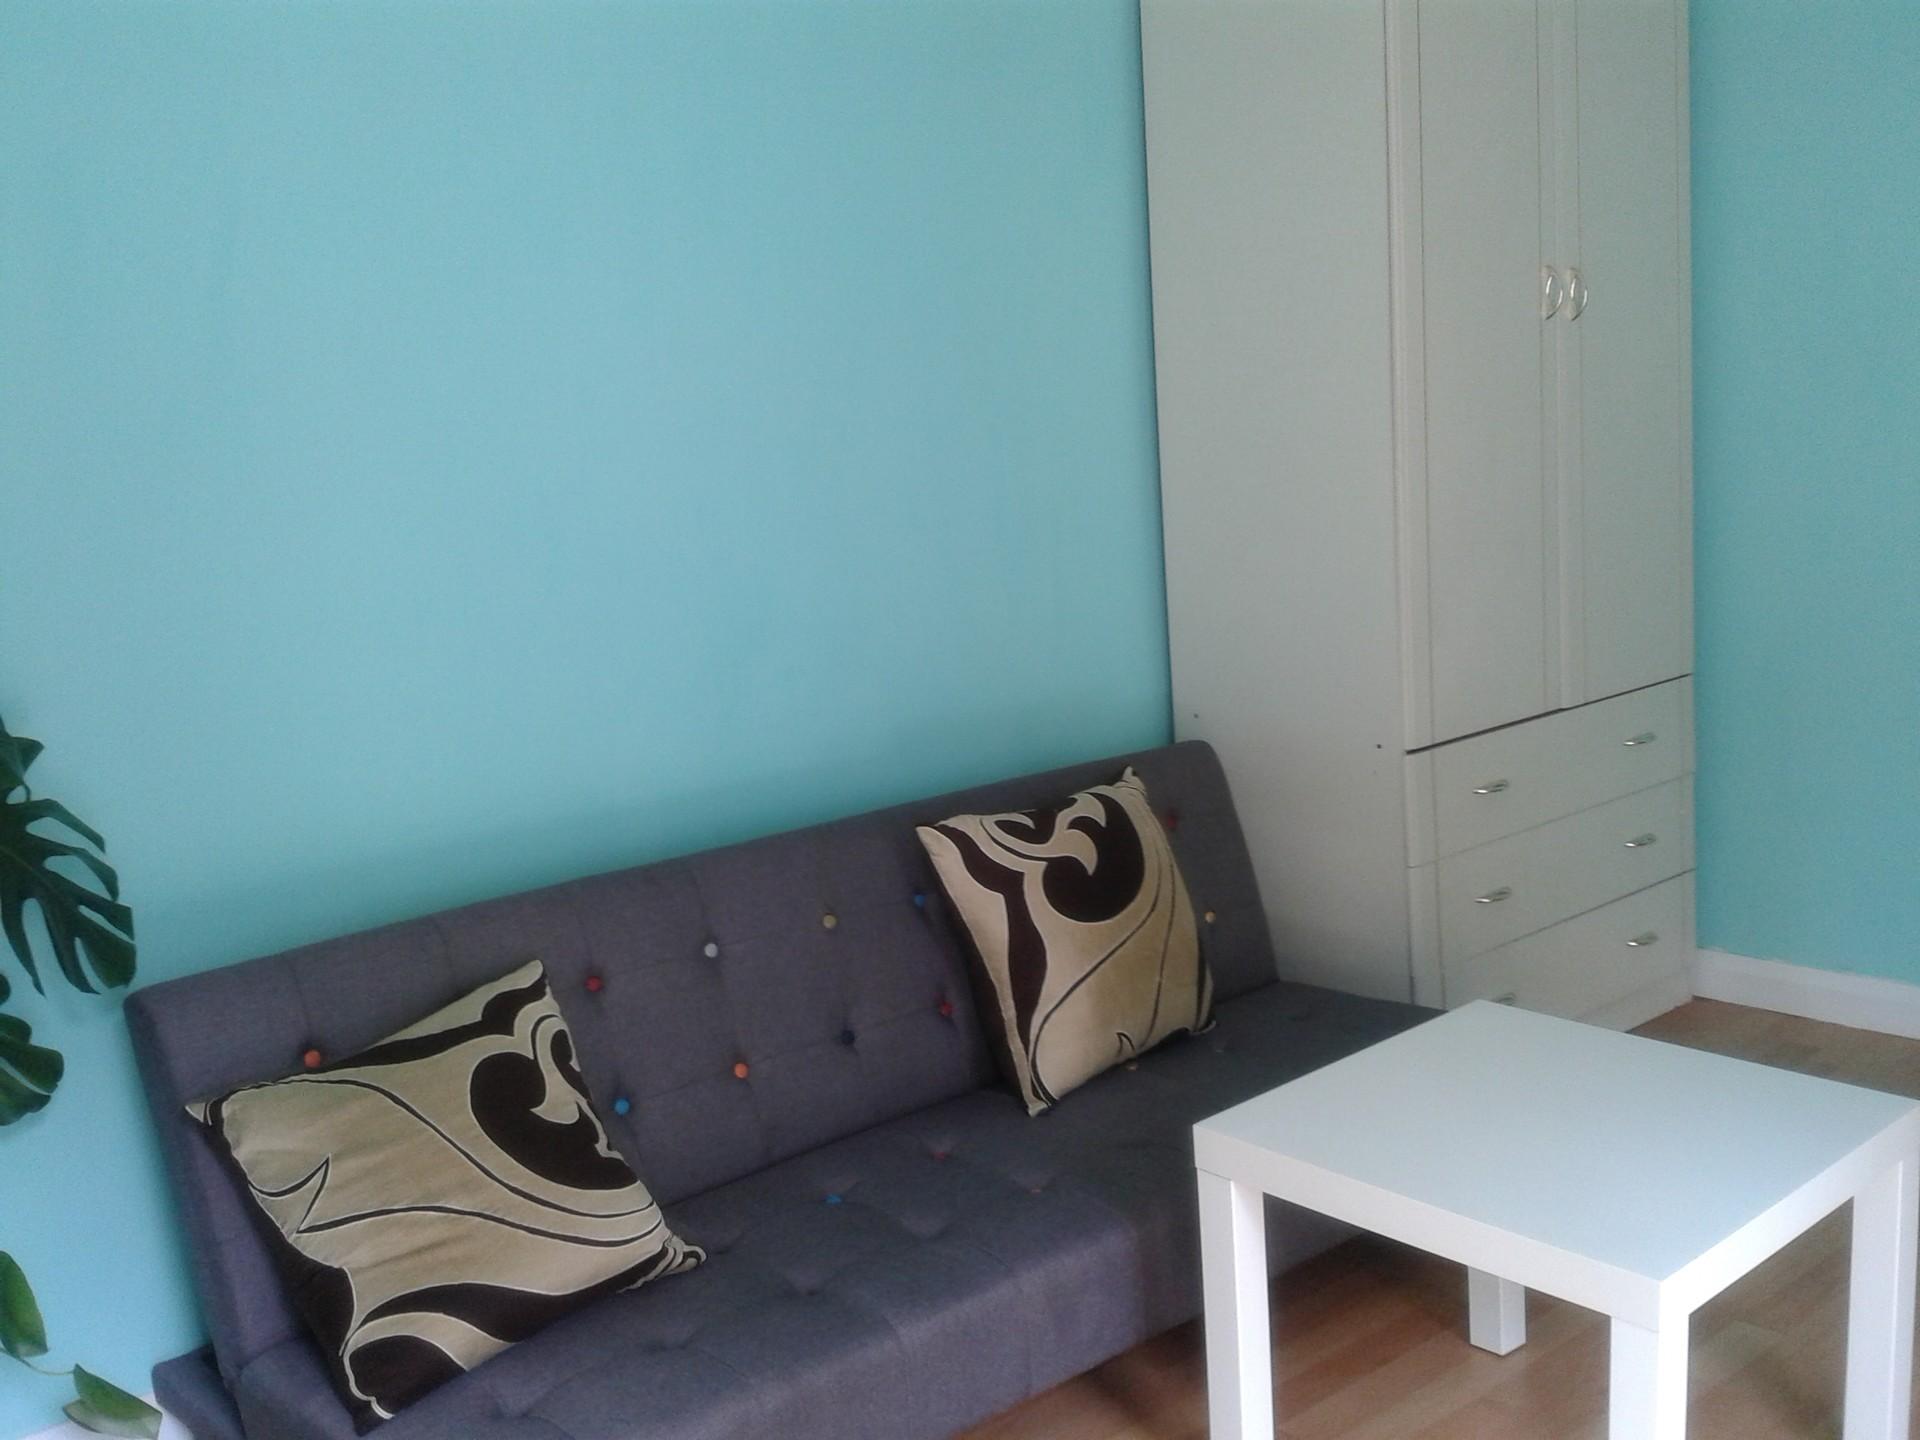 a-lovely-en-suite-studio-room-london-494f85b9e9b5163f30082f56def10474